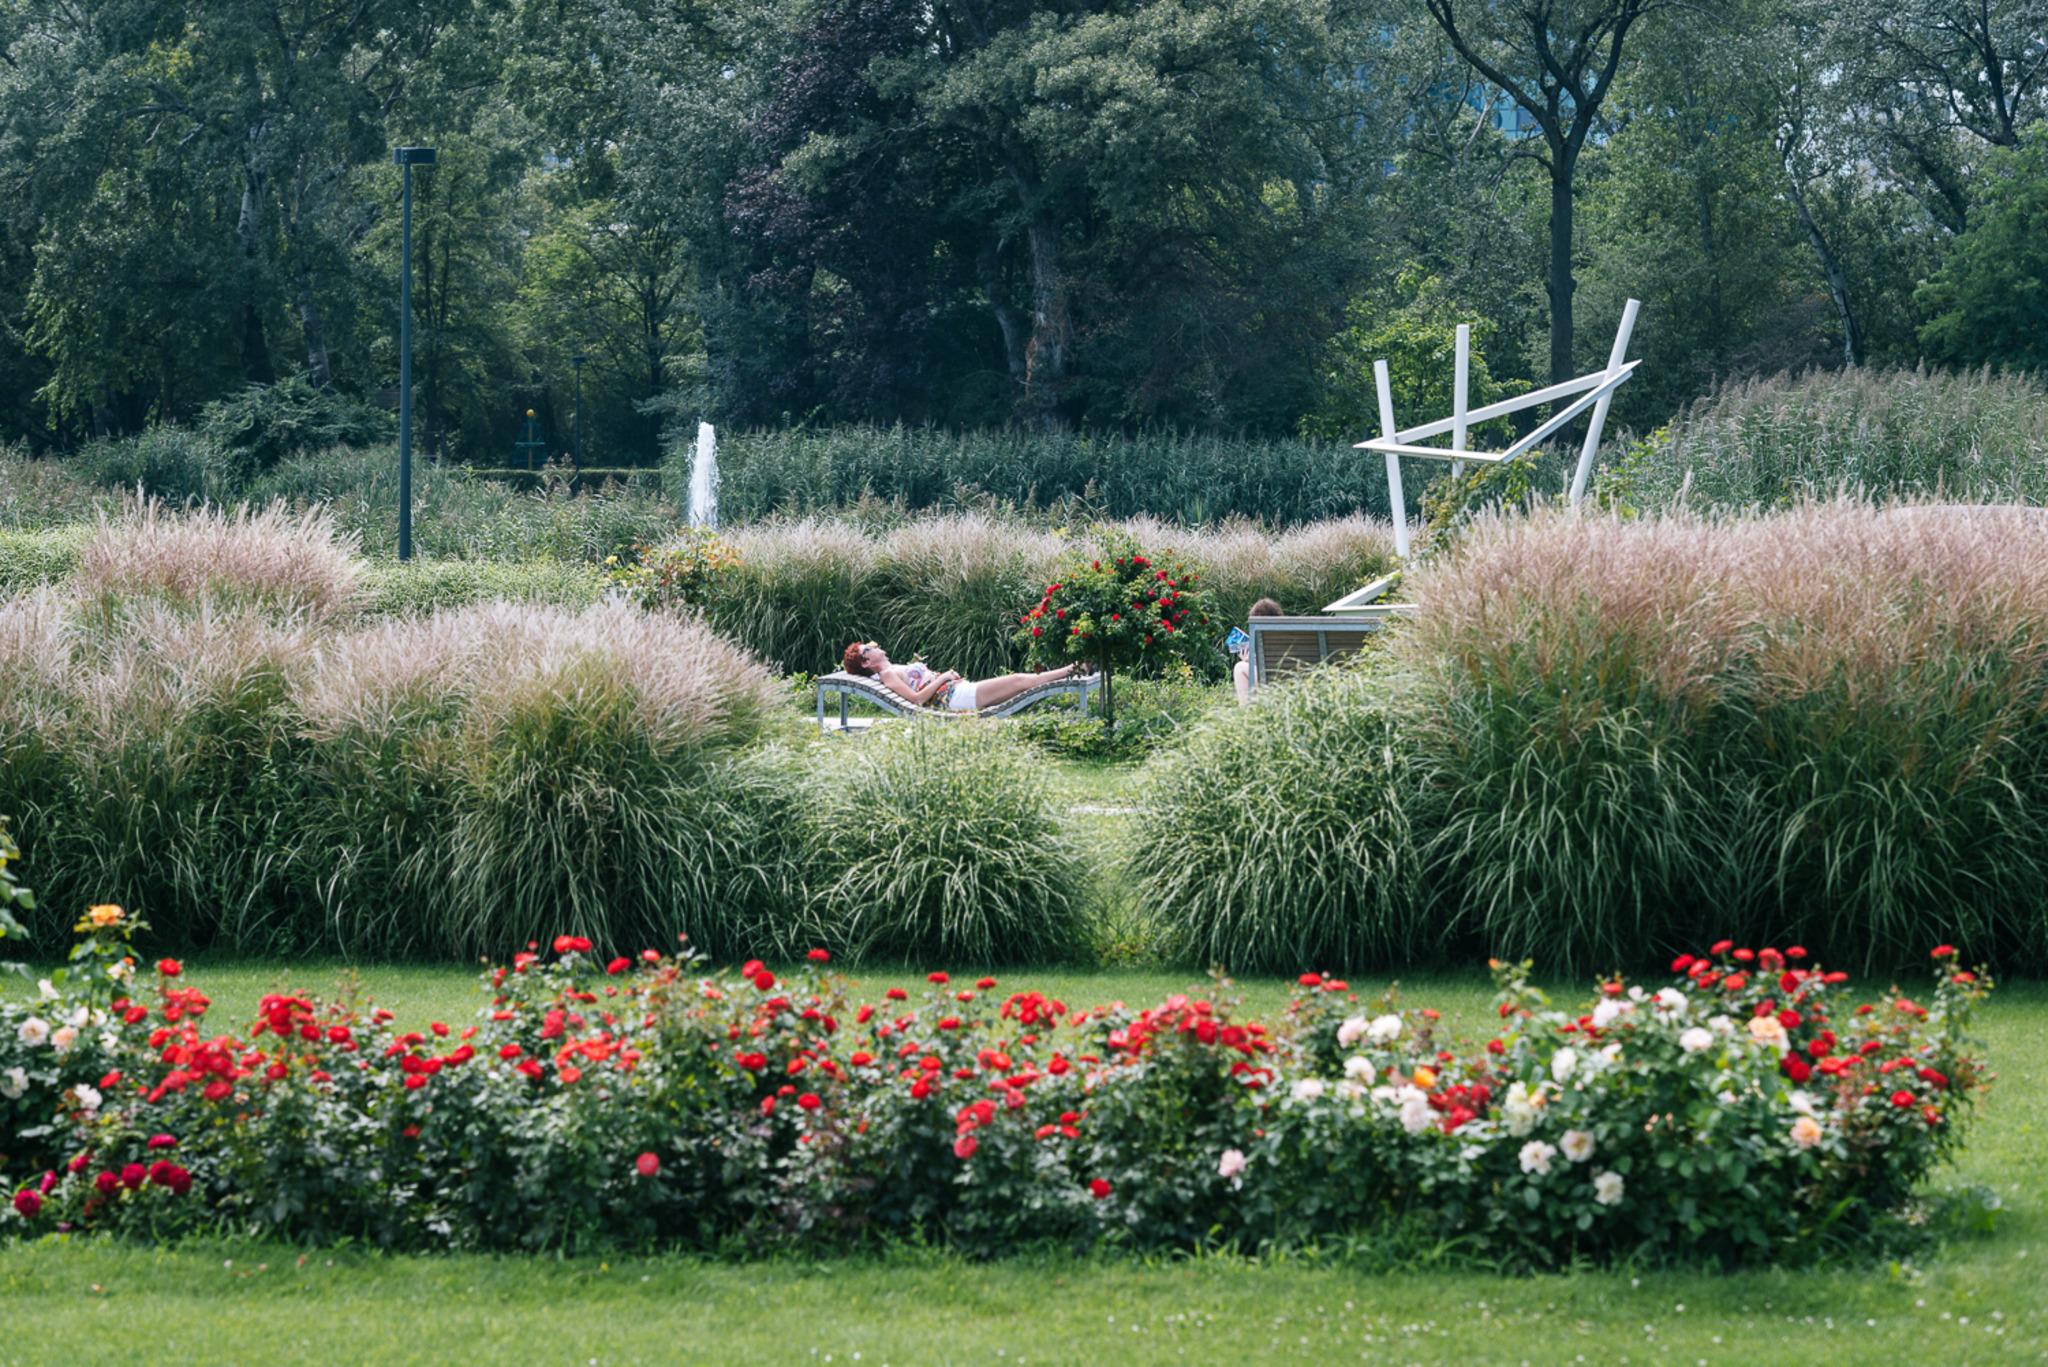 Nextland zeitgen ssische landschaftsarchitektur in sterreich salzburg stadt - Landschaftsarchitektur osterreich ...